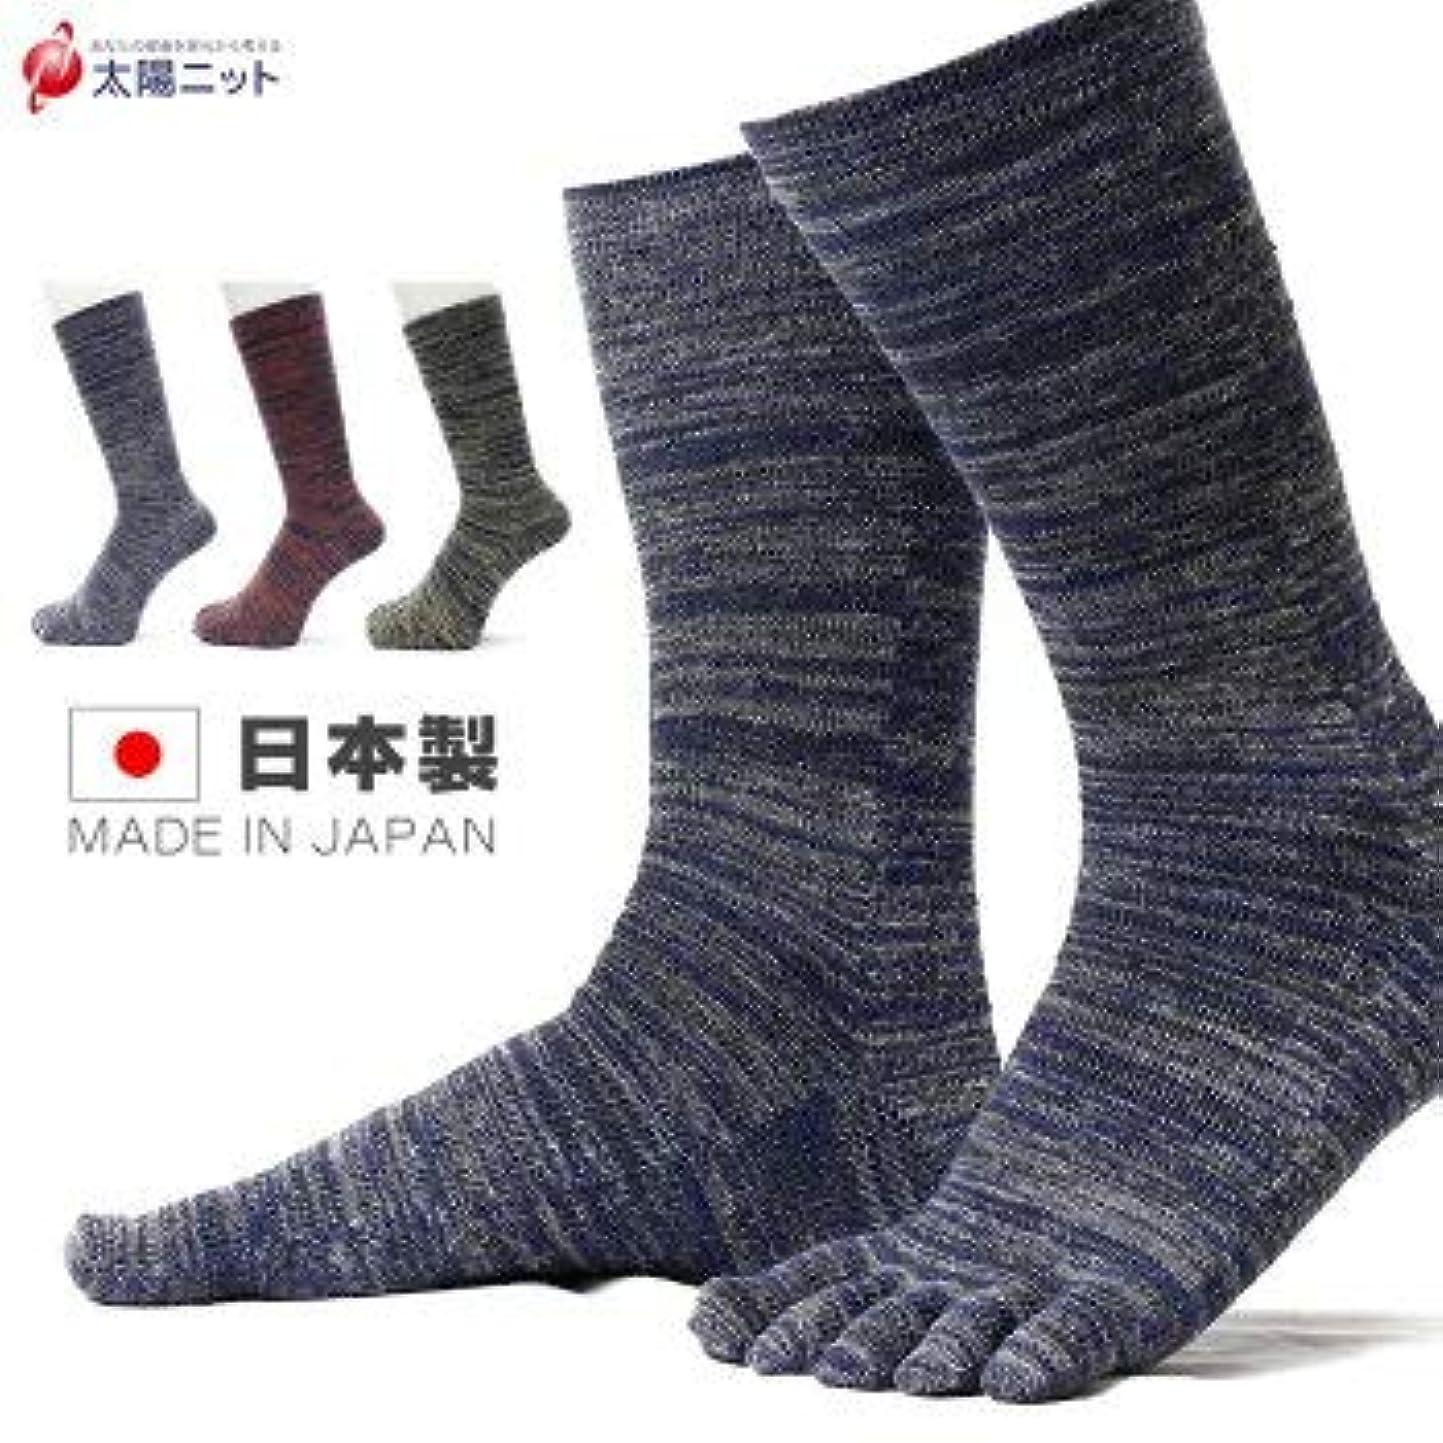 雨の多数の平方靴下職人のこだわり メンズ スラブ調 5本指靴下 25-27㎝ 太陽ニット 366 (ネイビー)